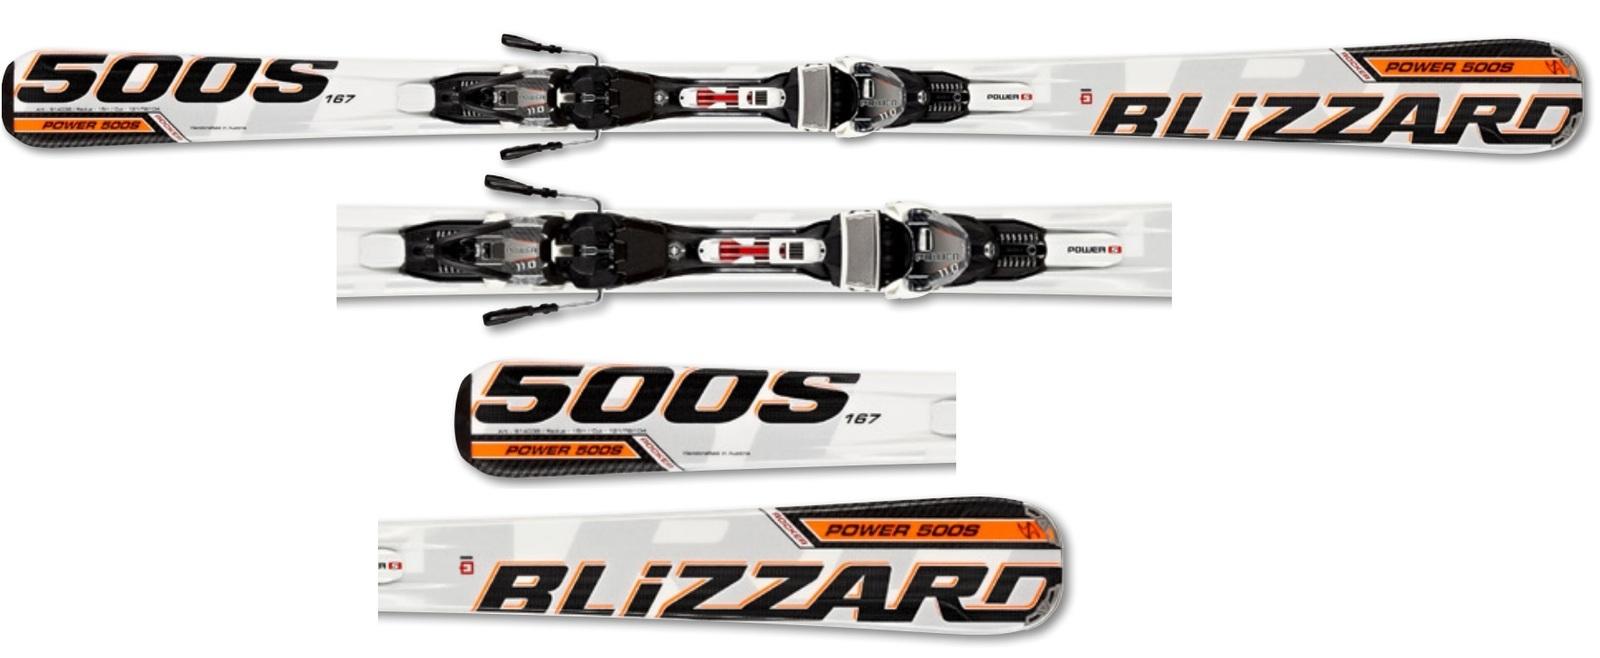 Narty Blizzard Power 500 Suspension IQ